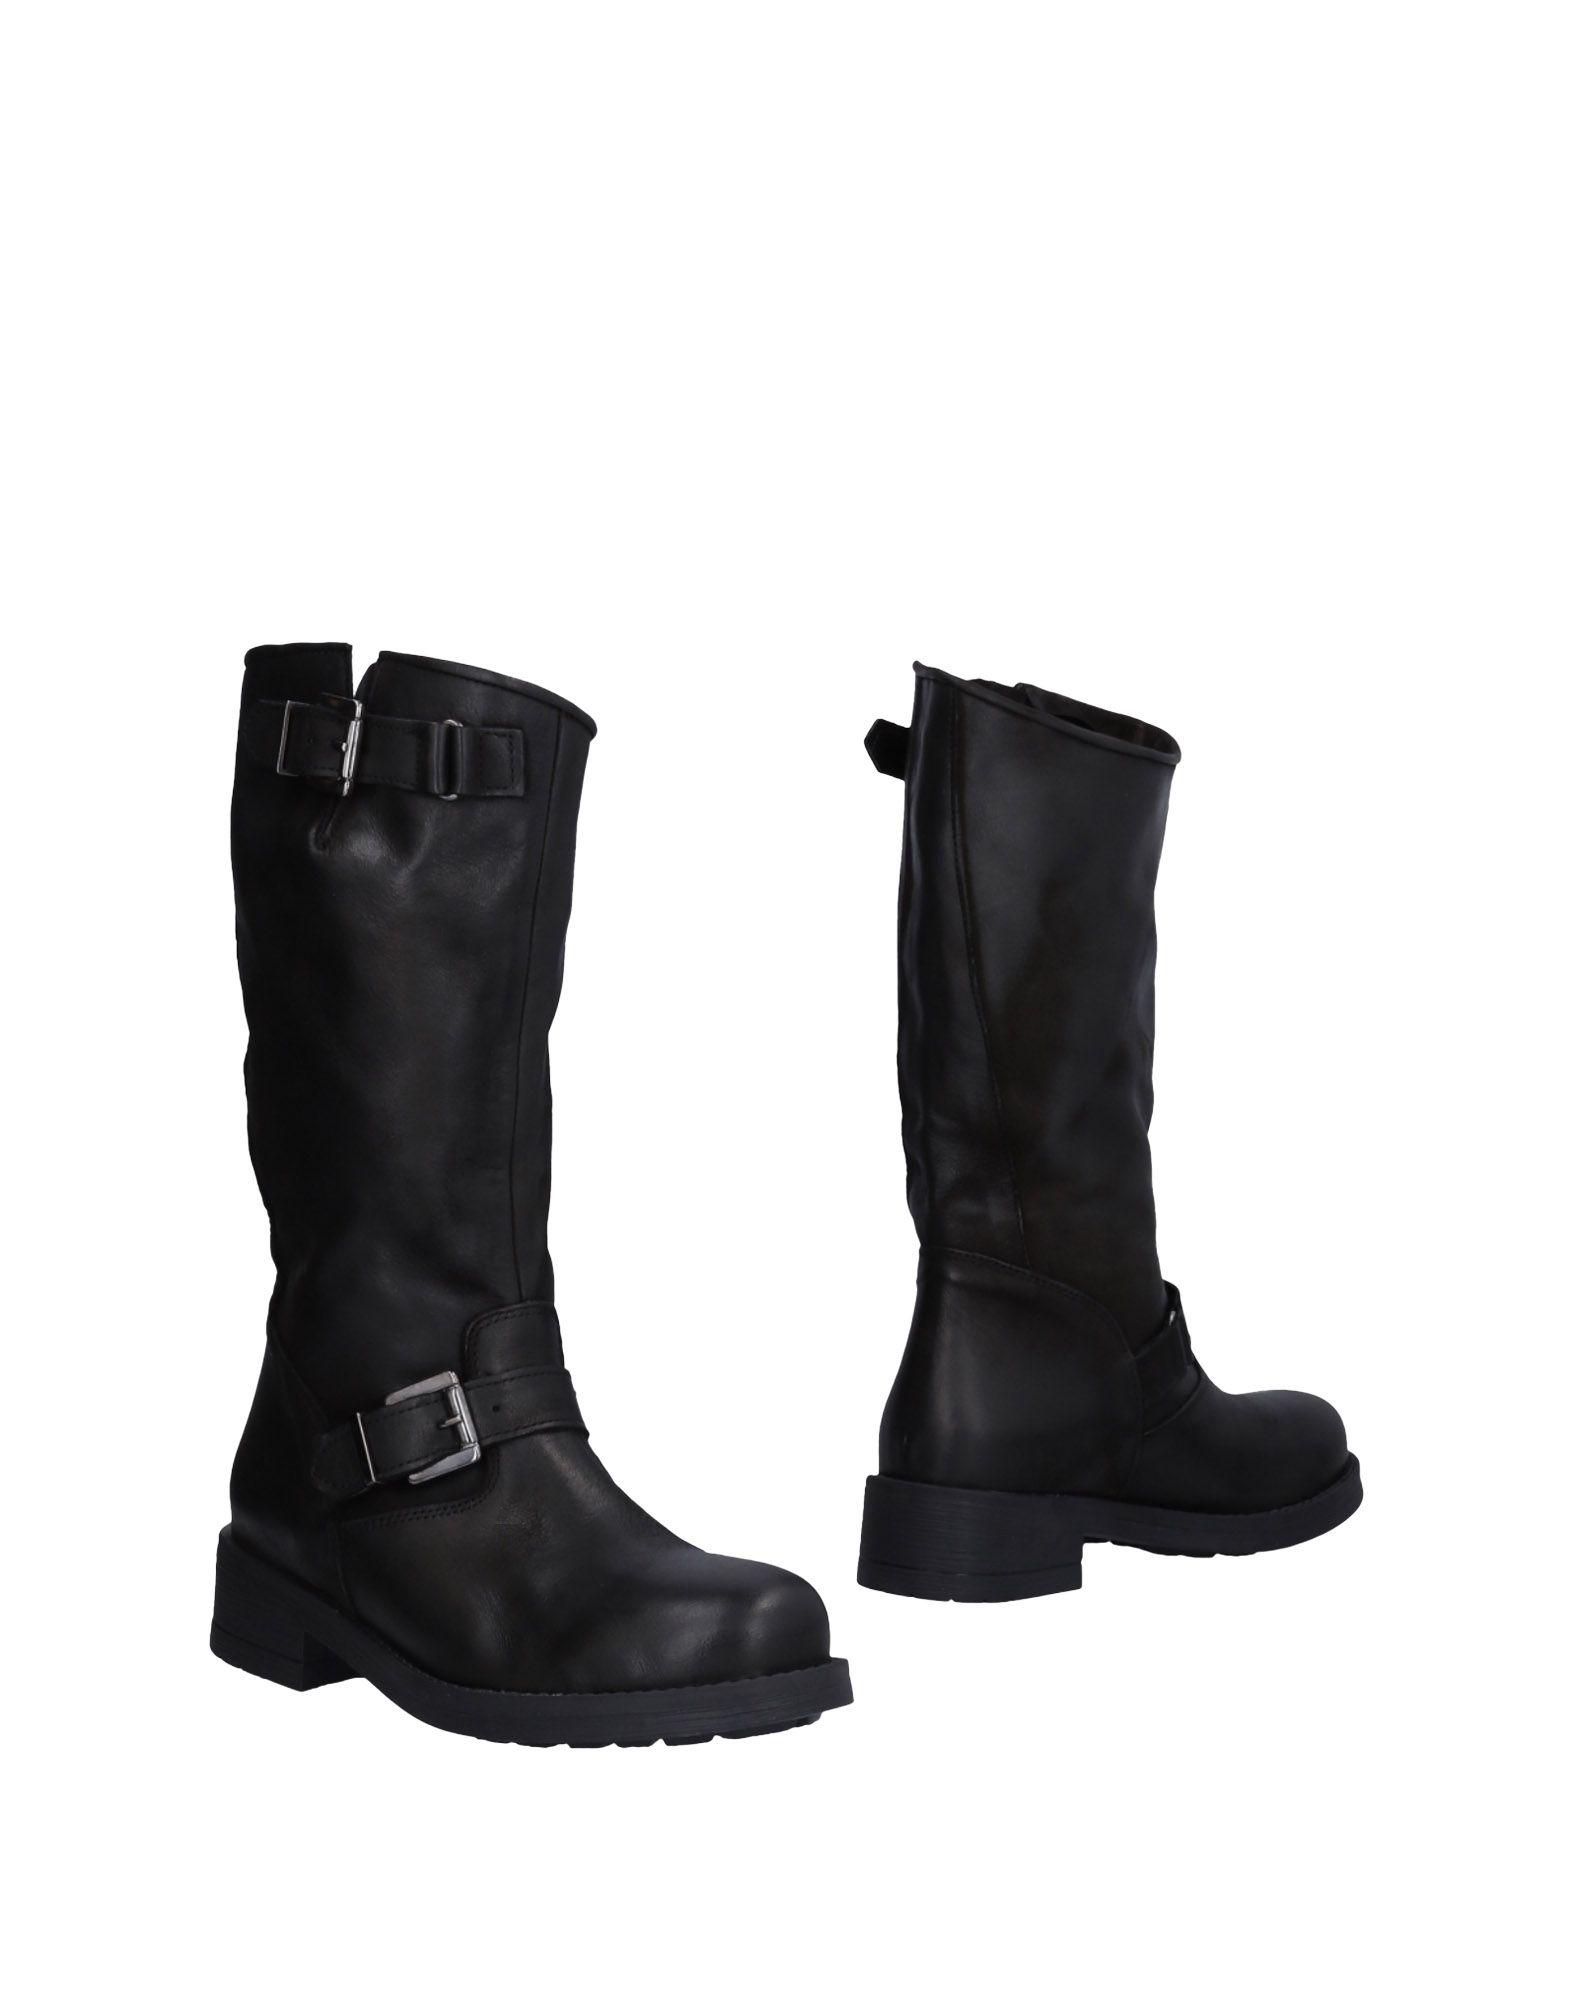 Stivali Stivali Stivali Unlace Donna - 11472632JO d7d347